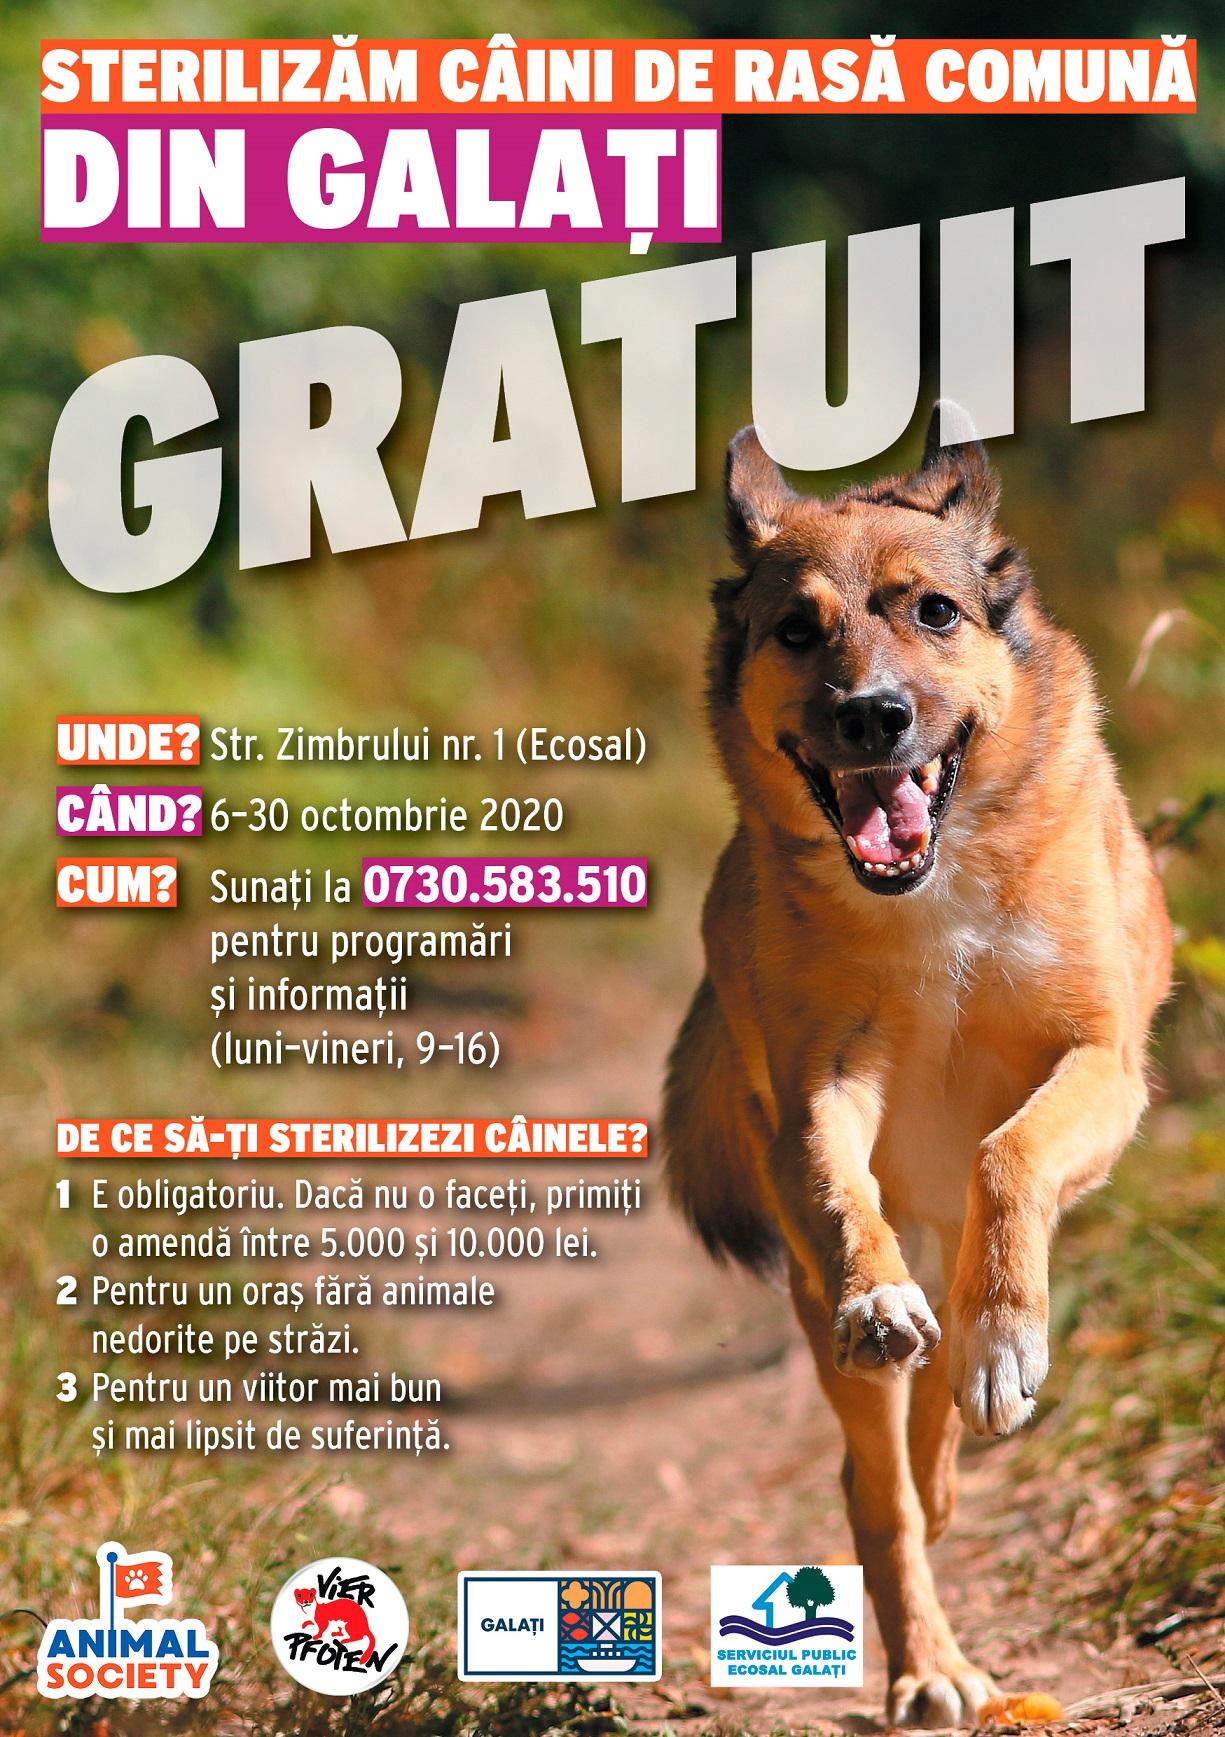 Animal Society reia sterilizarea gratuită a câinilor de rasă comună în cadrul proiectului-pilot de la Galați